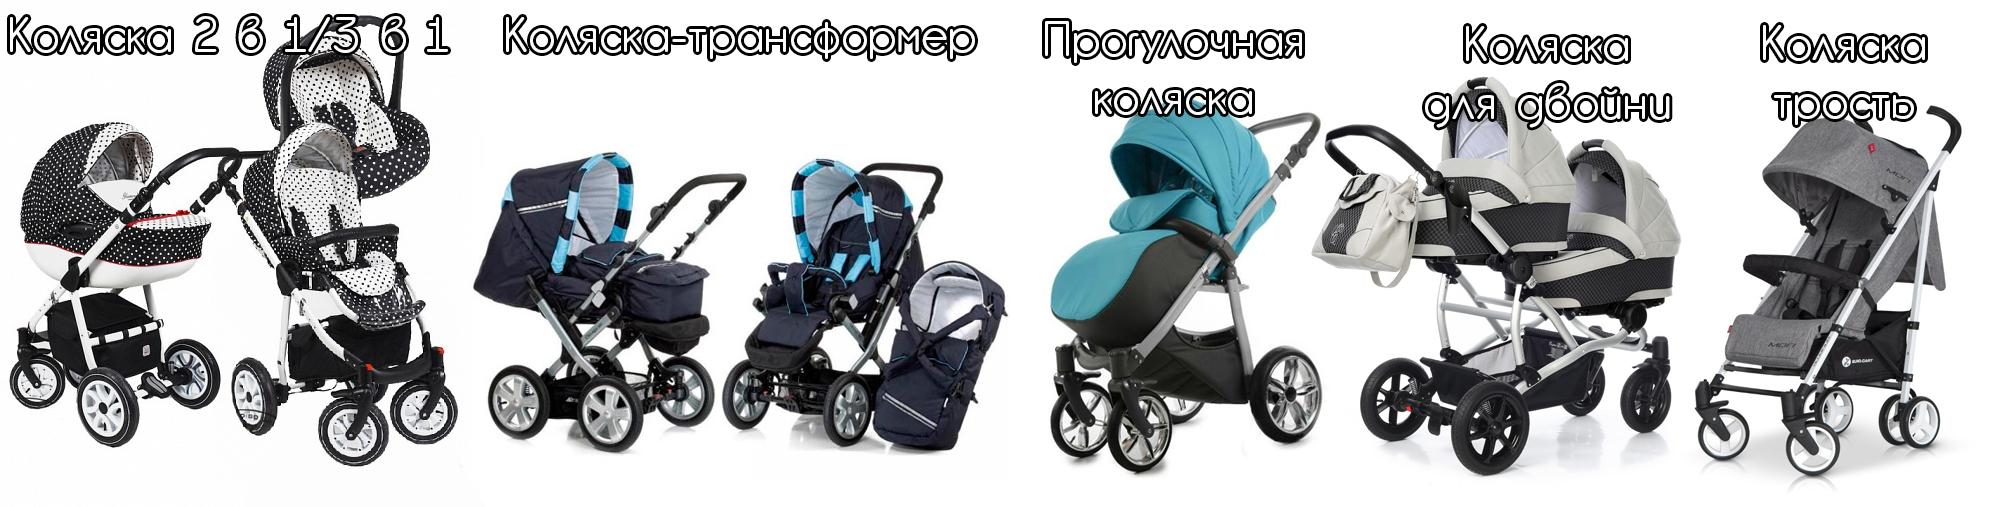 На картинке рассмотрены все типы детских колясок, которые представленны в магазине Антошка